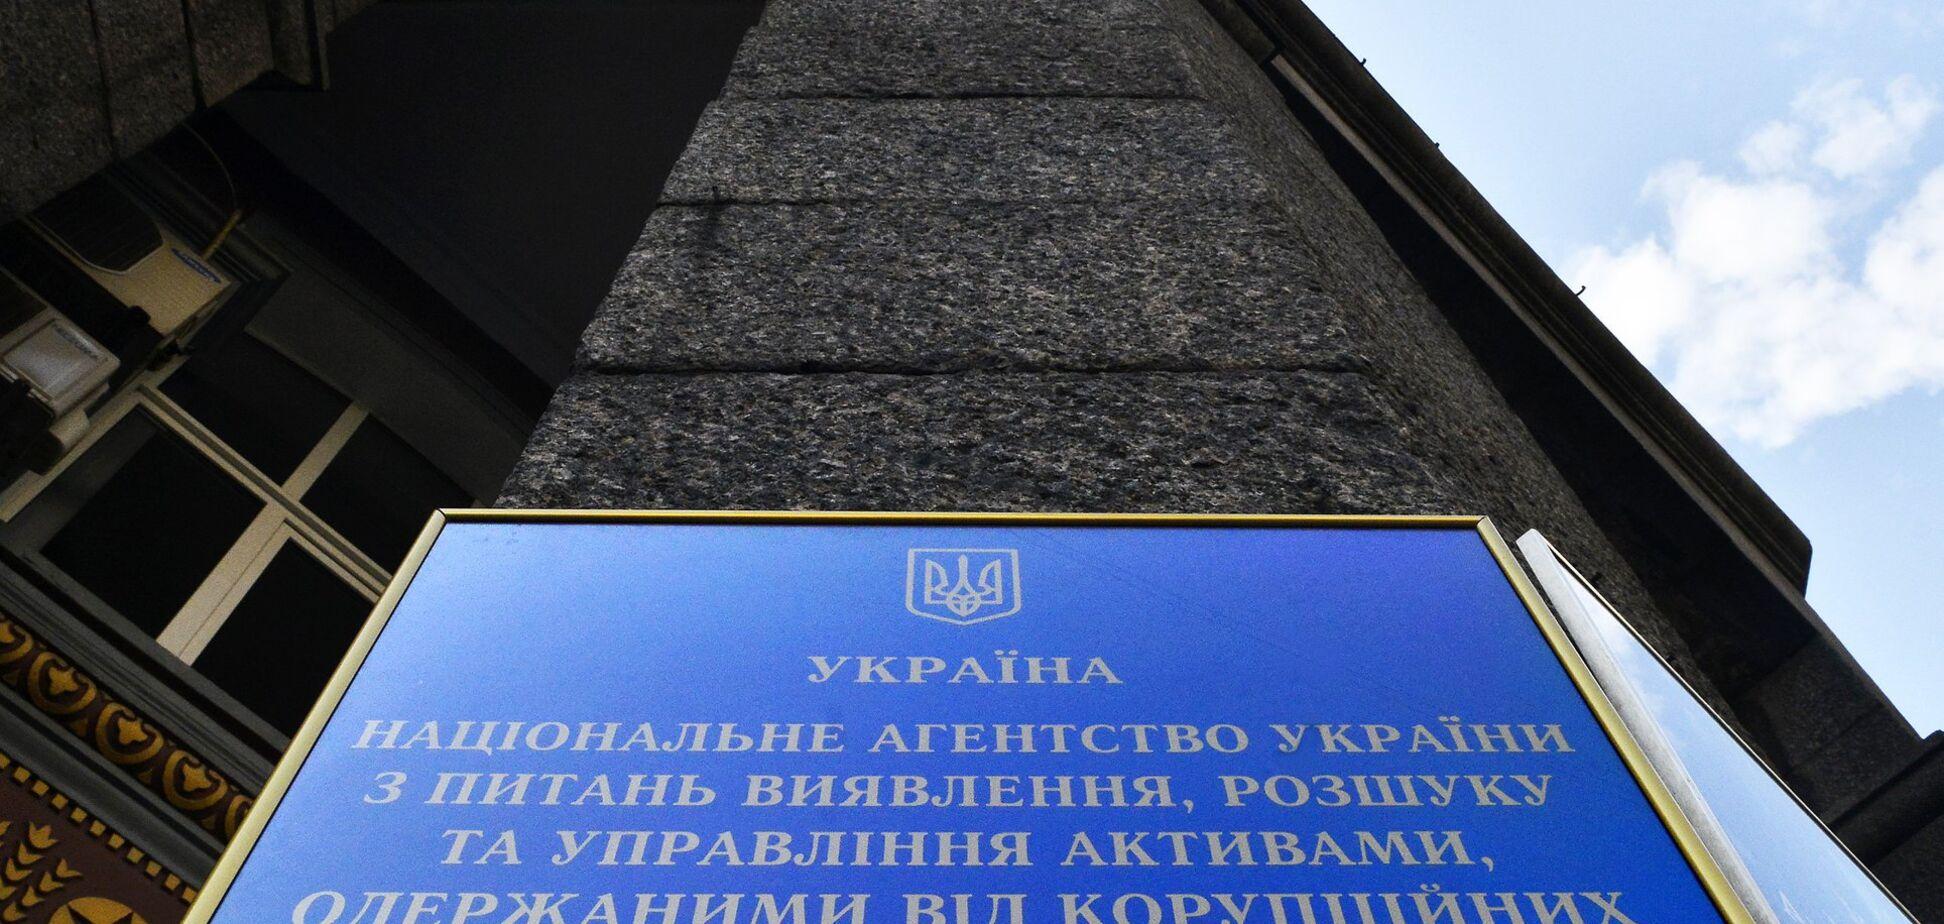 Управление активами в Украине: как будет проверяться его эффективность